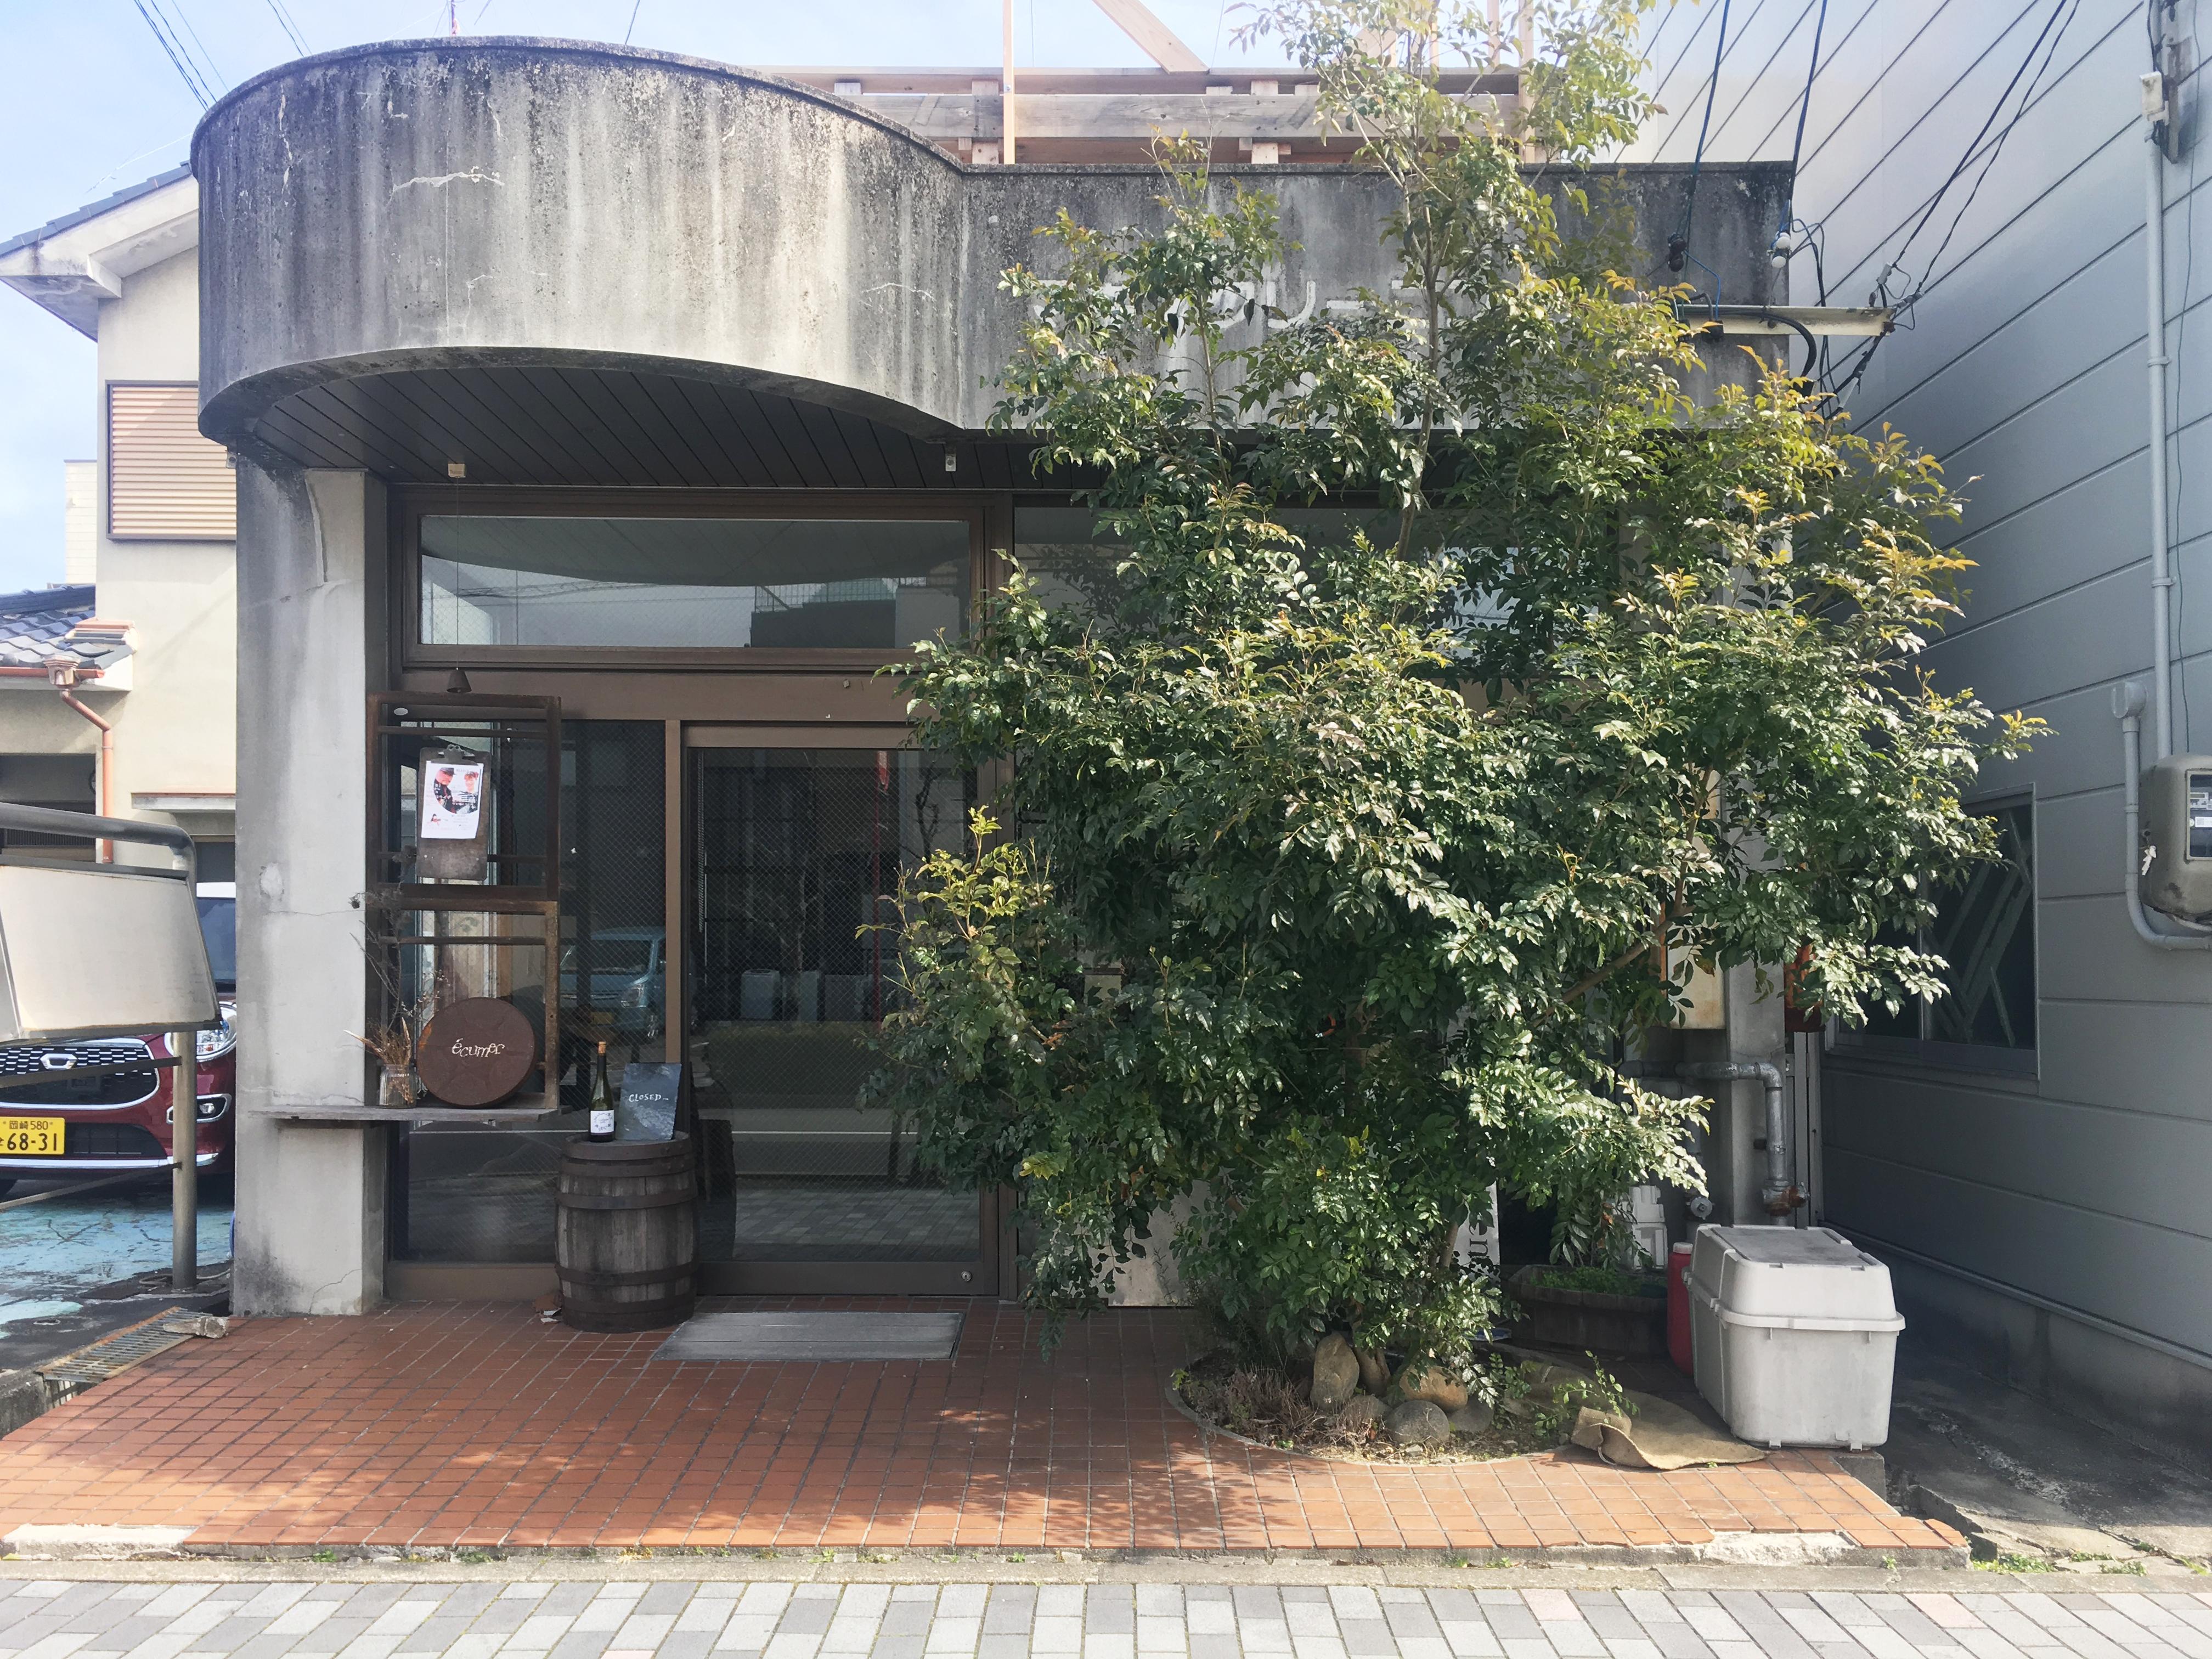 小料理屋ecumer エキュメ、愛知県岡崎市